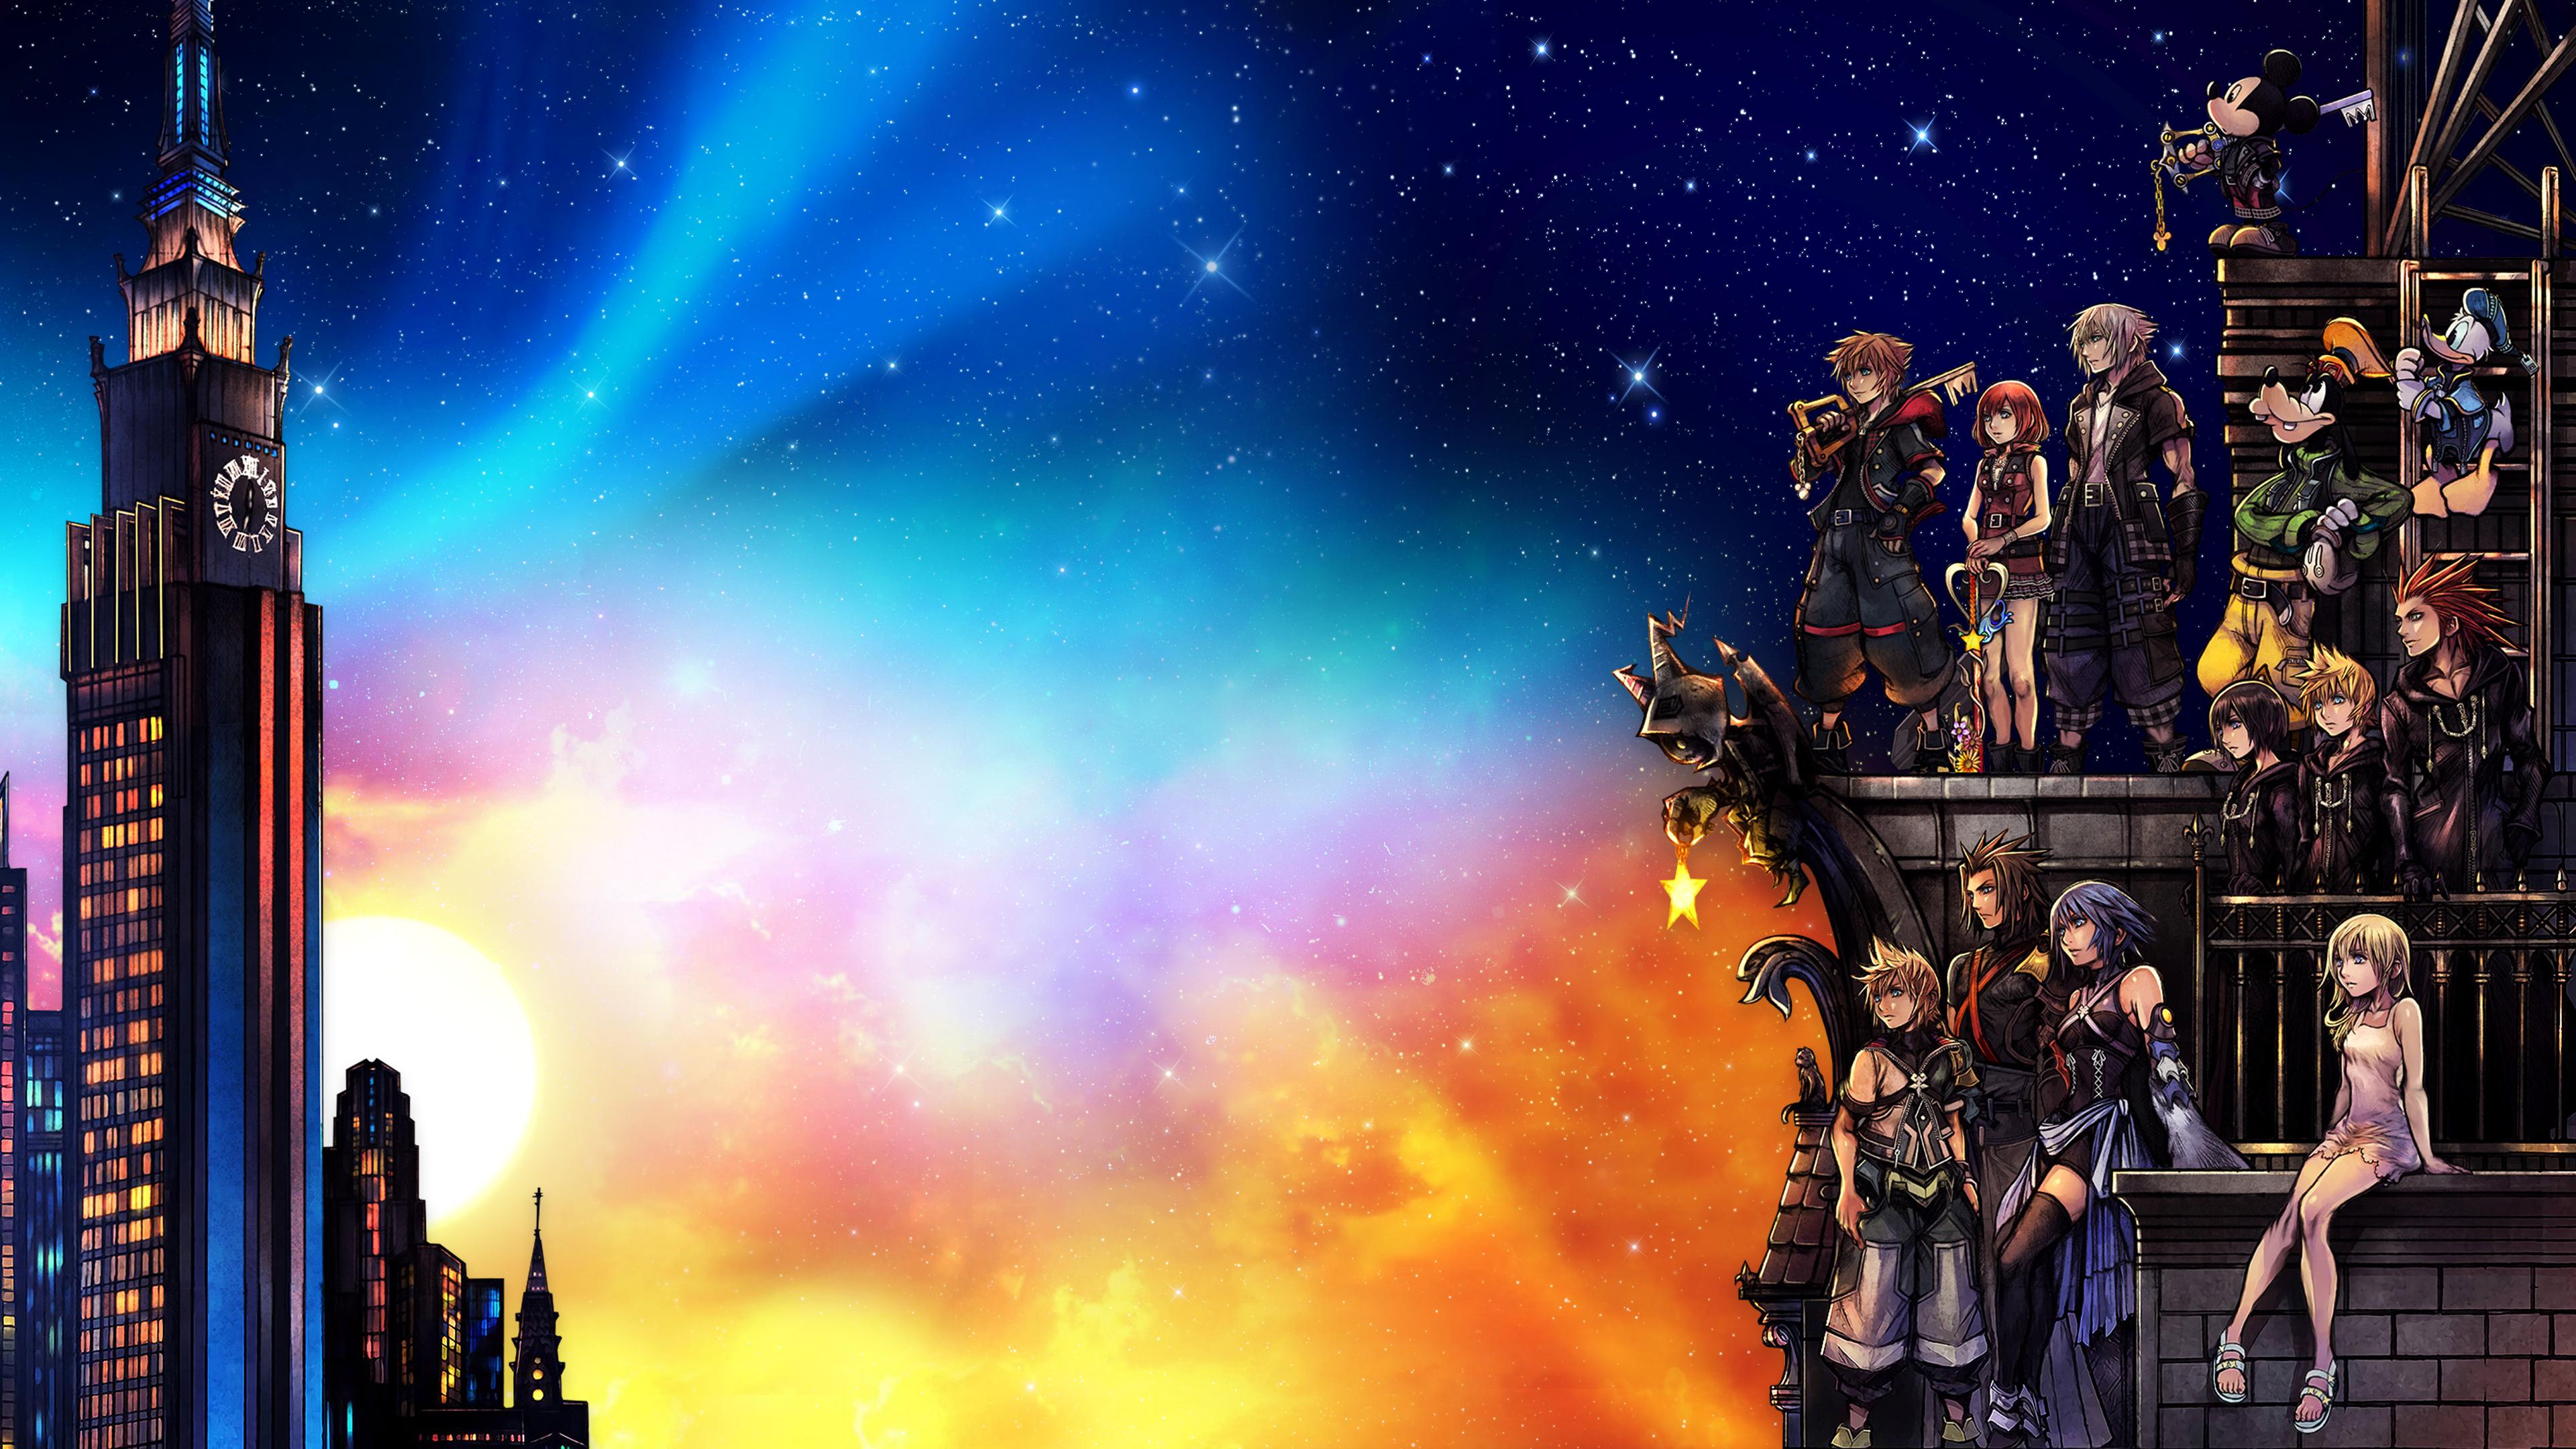 Final Chapter 4k Kingdom Hearts Iii Wallpaper By Haakonhawk On